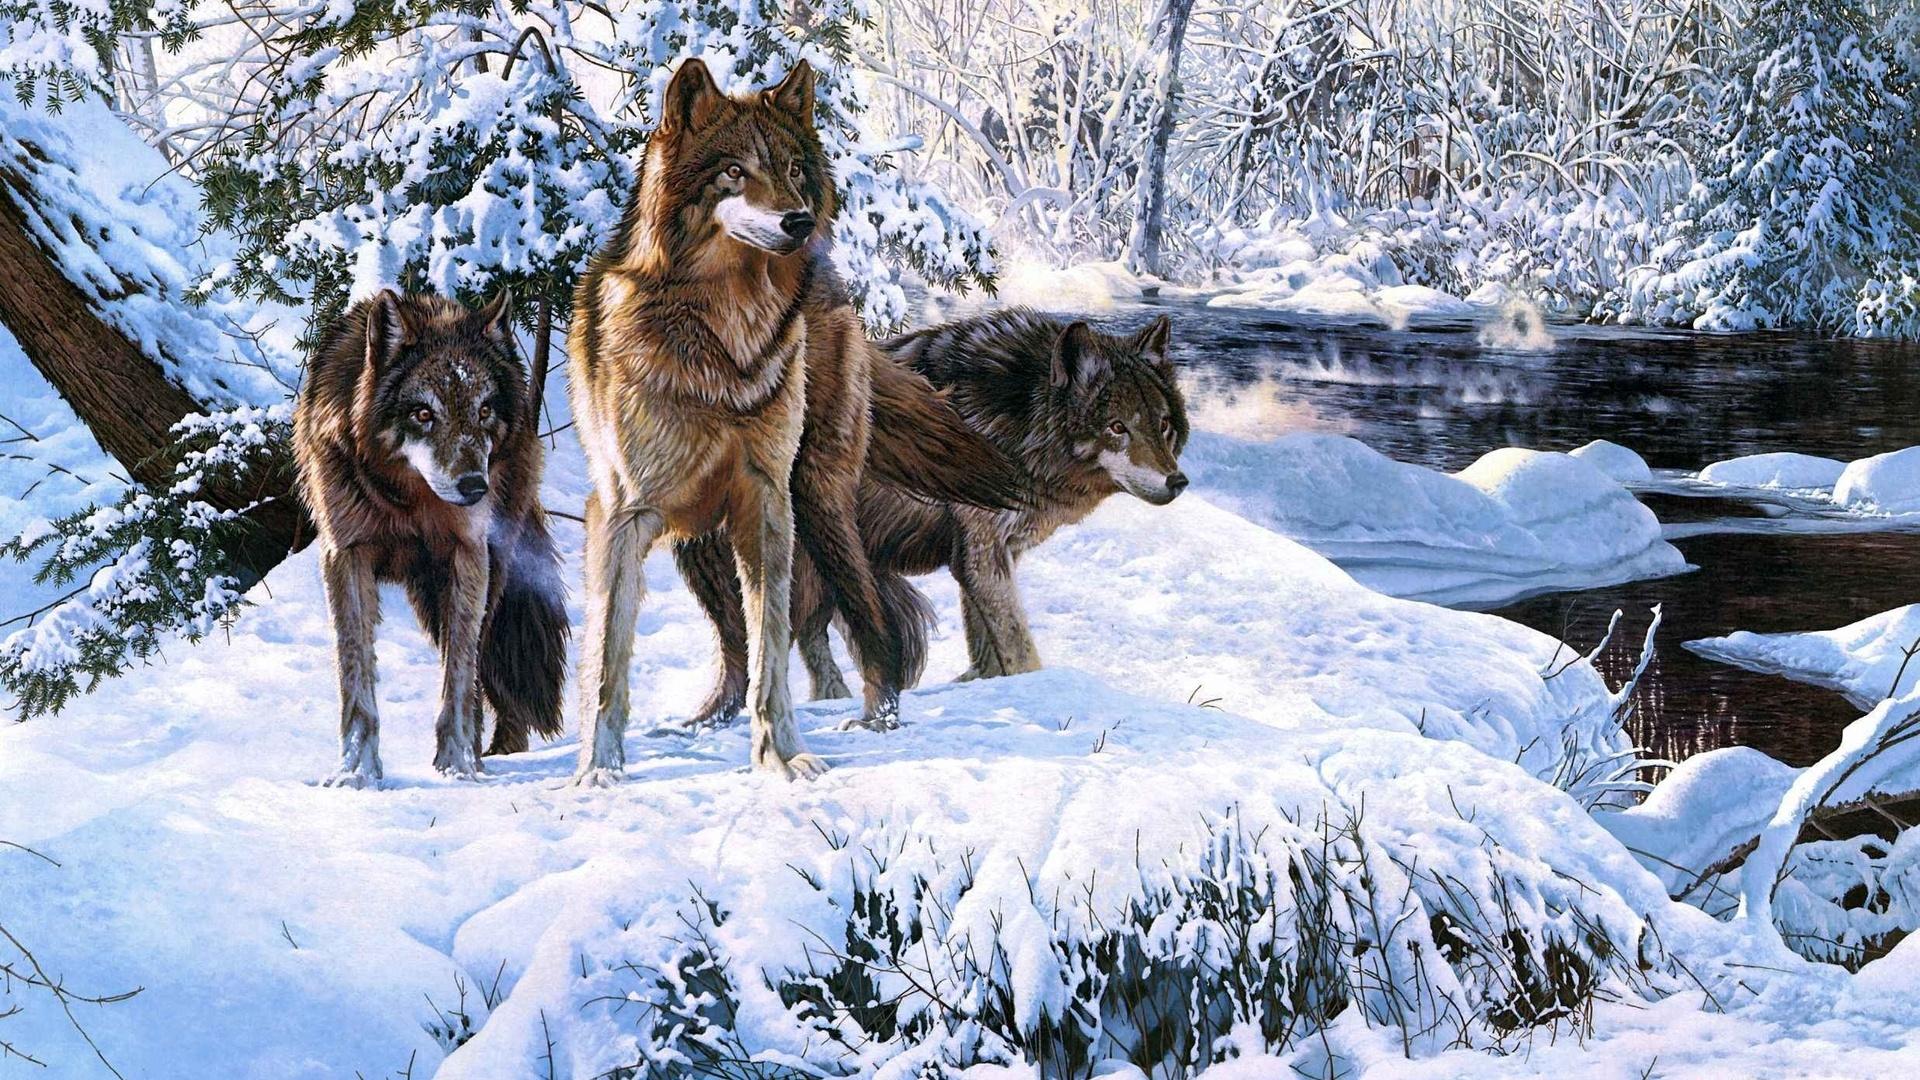 Картинки на заставку животные лесные зимой